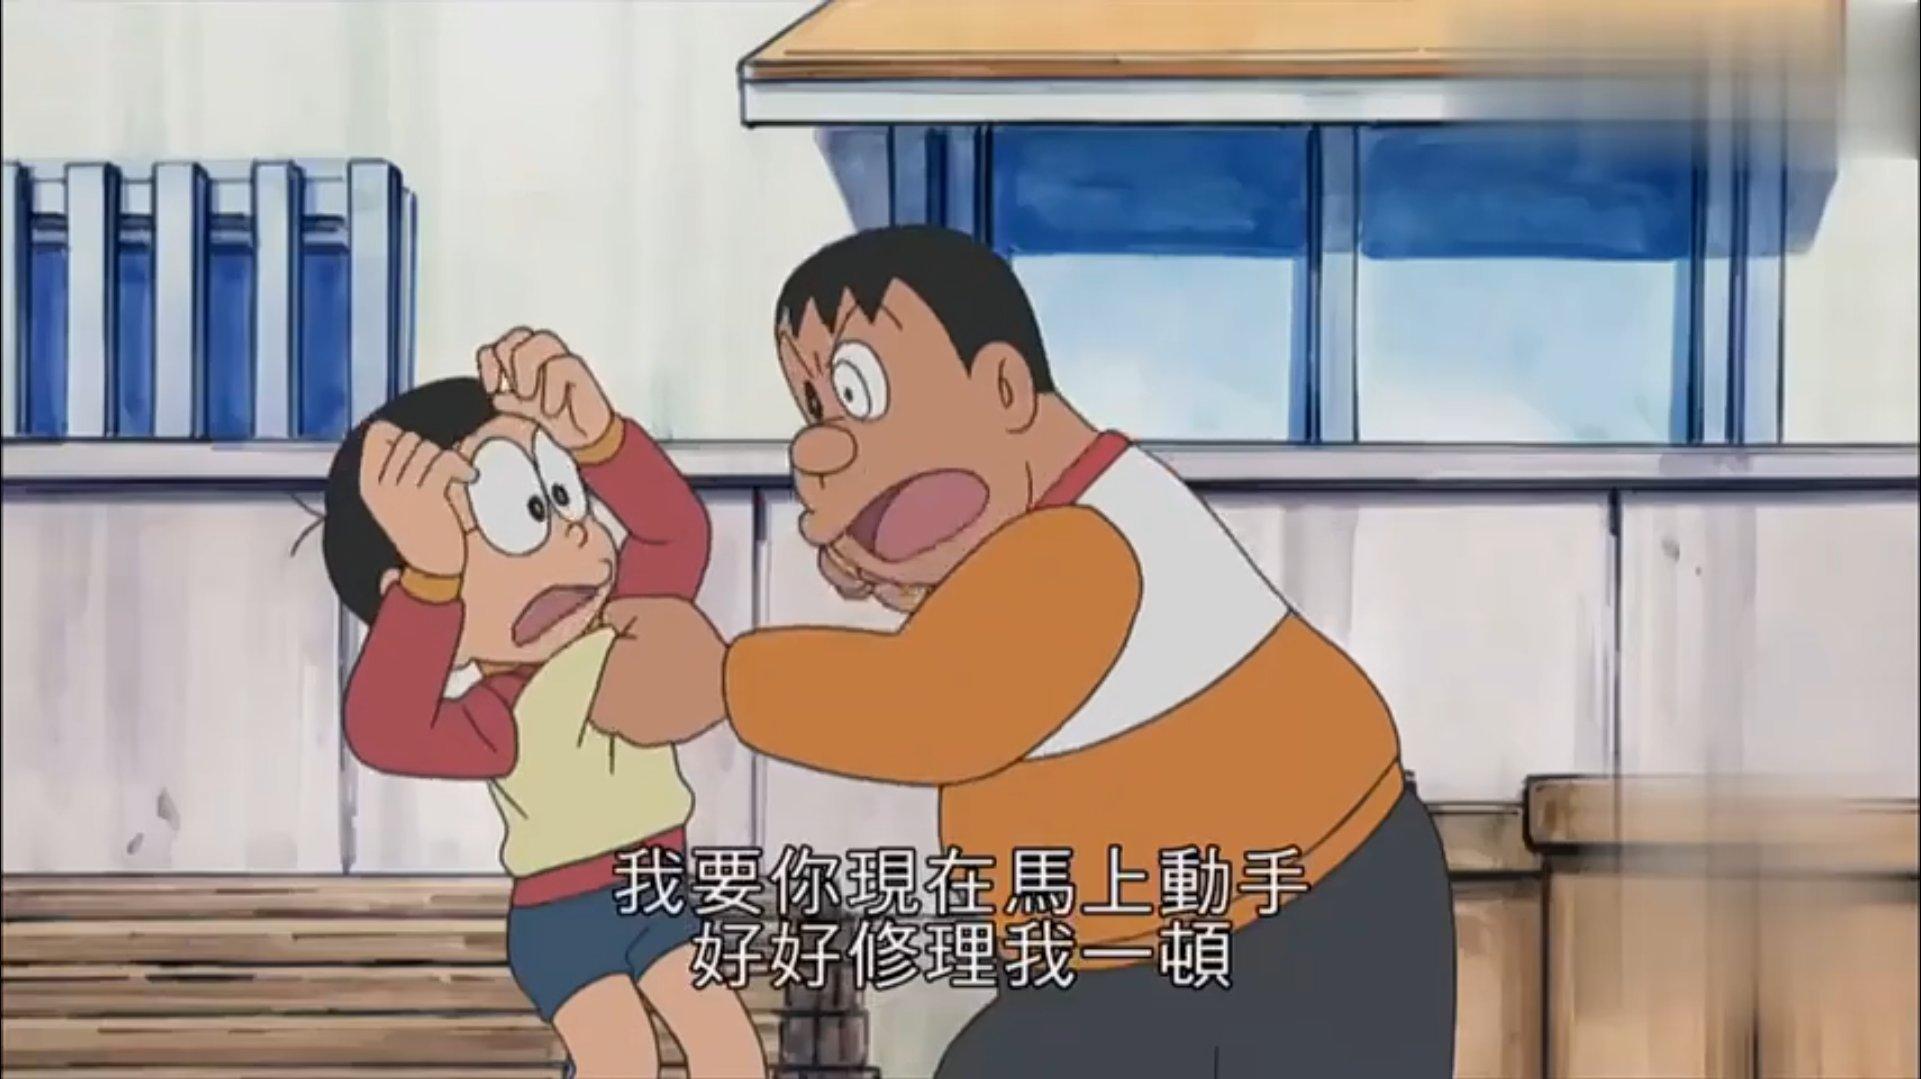 【视频】哆啦A梦:哆啦A梦坏掉了,四处攻击人,颠倒了整个世界